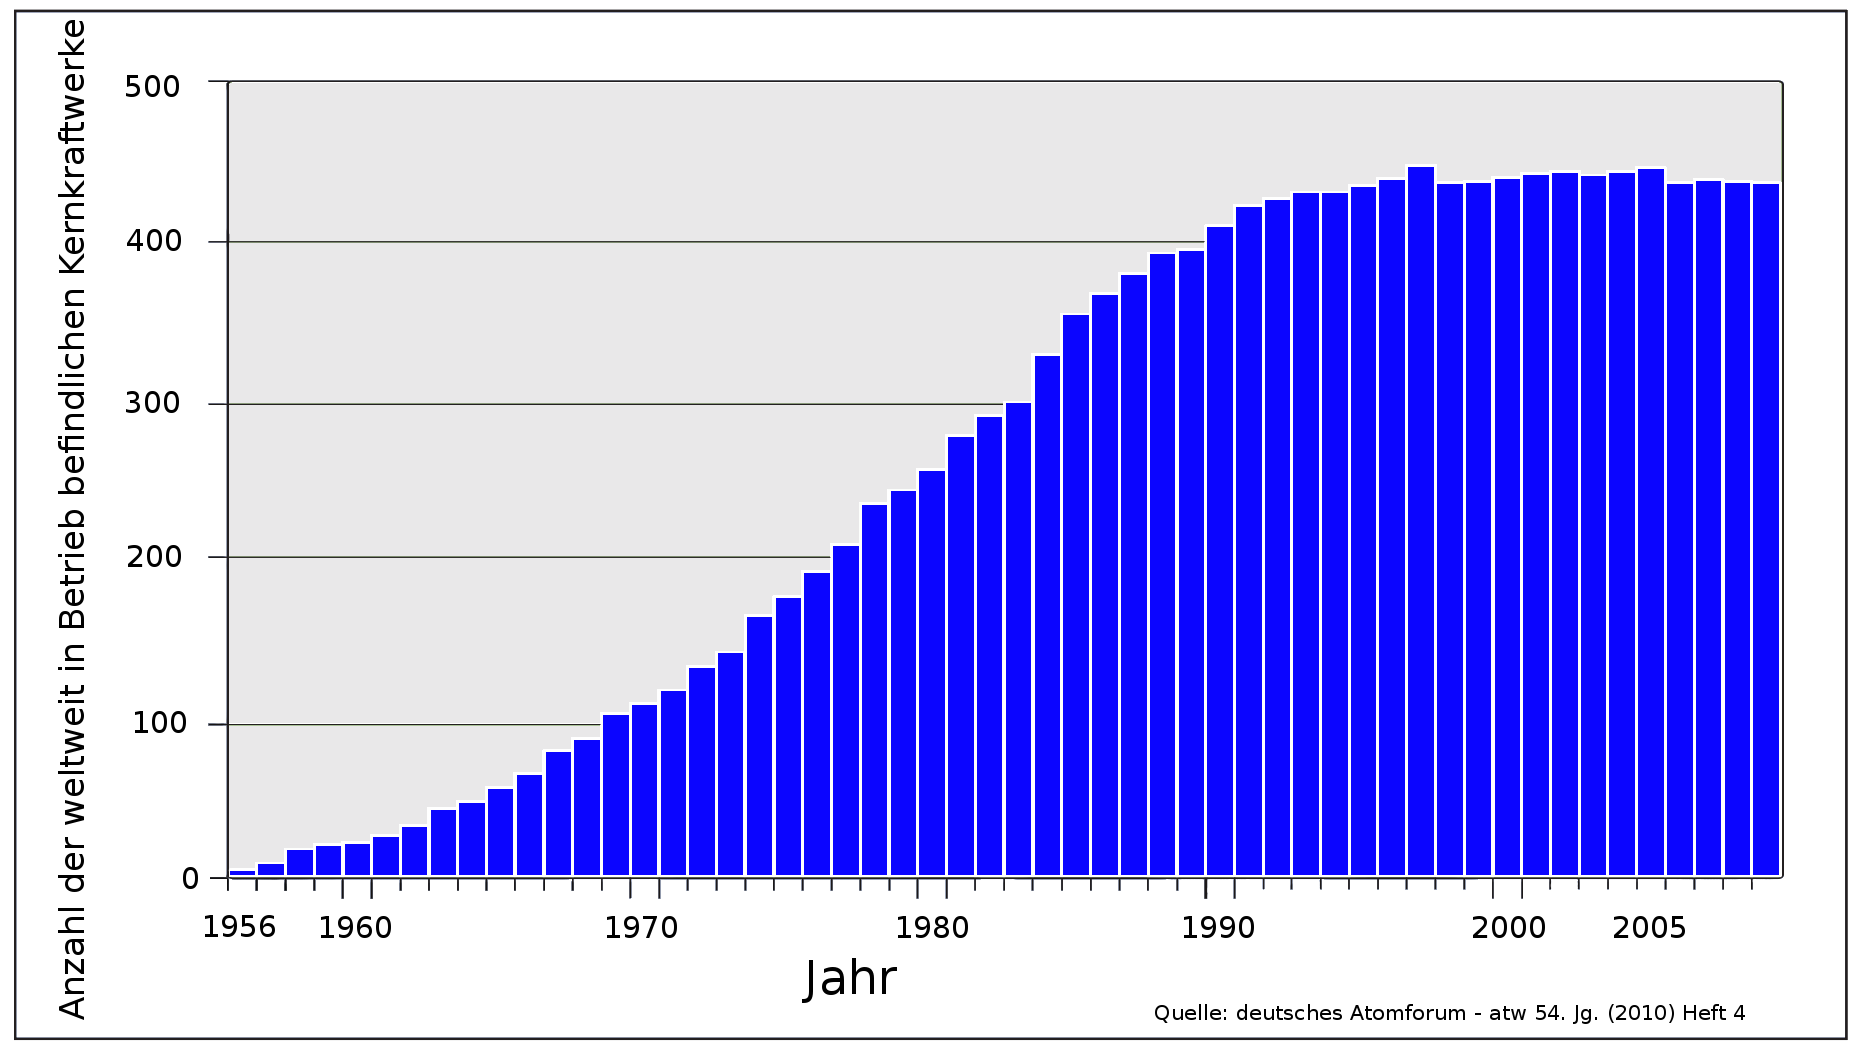 Anzahl Atomkraftwerke Weltweit